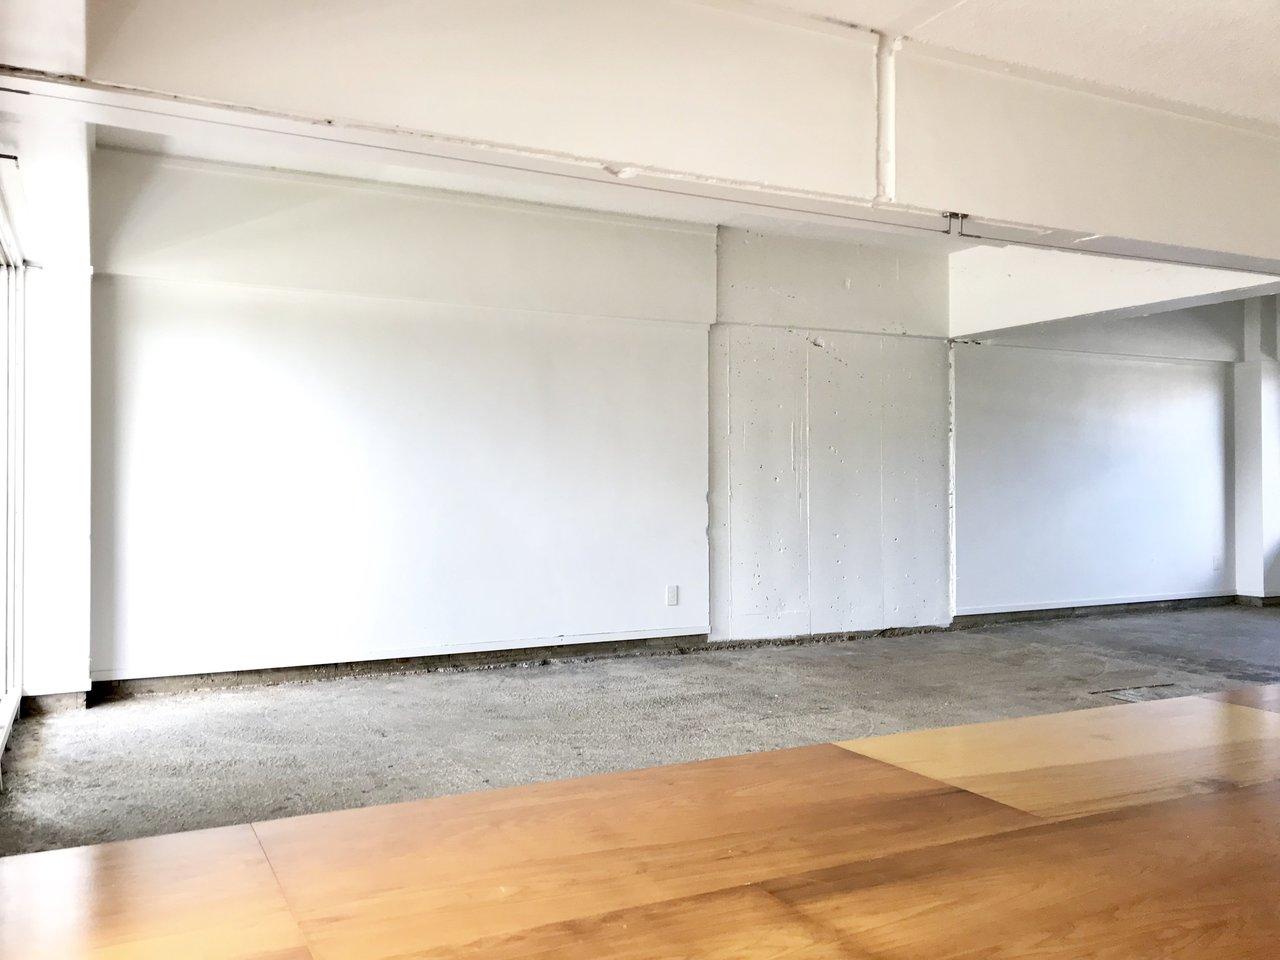 そしてこのお部屋、セルフリノベOK。この壁何色に塗りましょうかね?